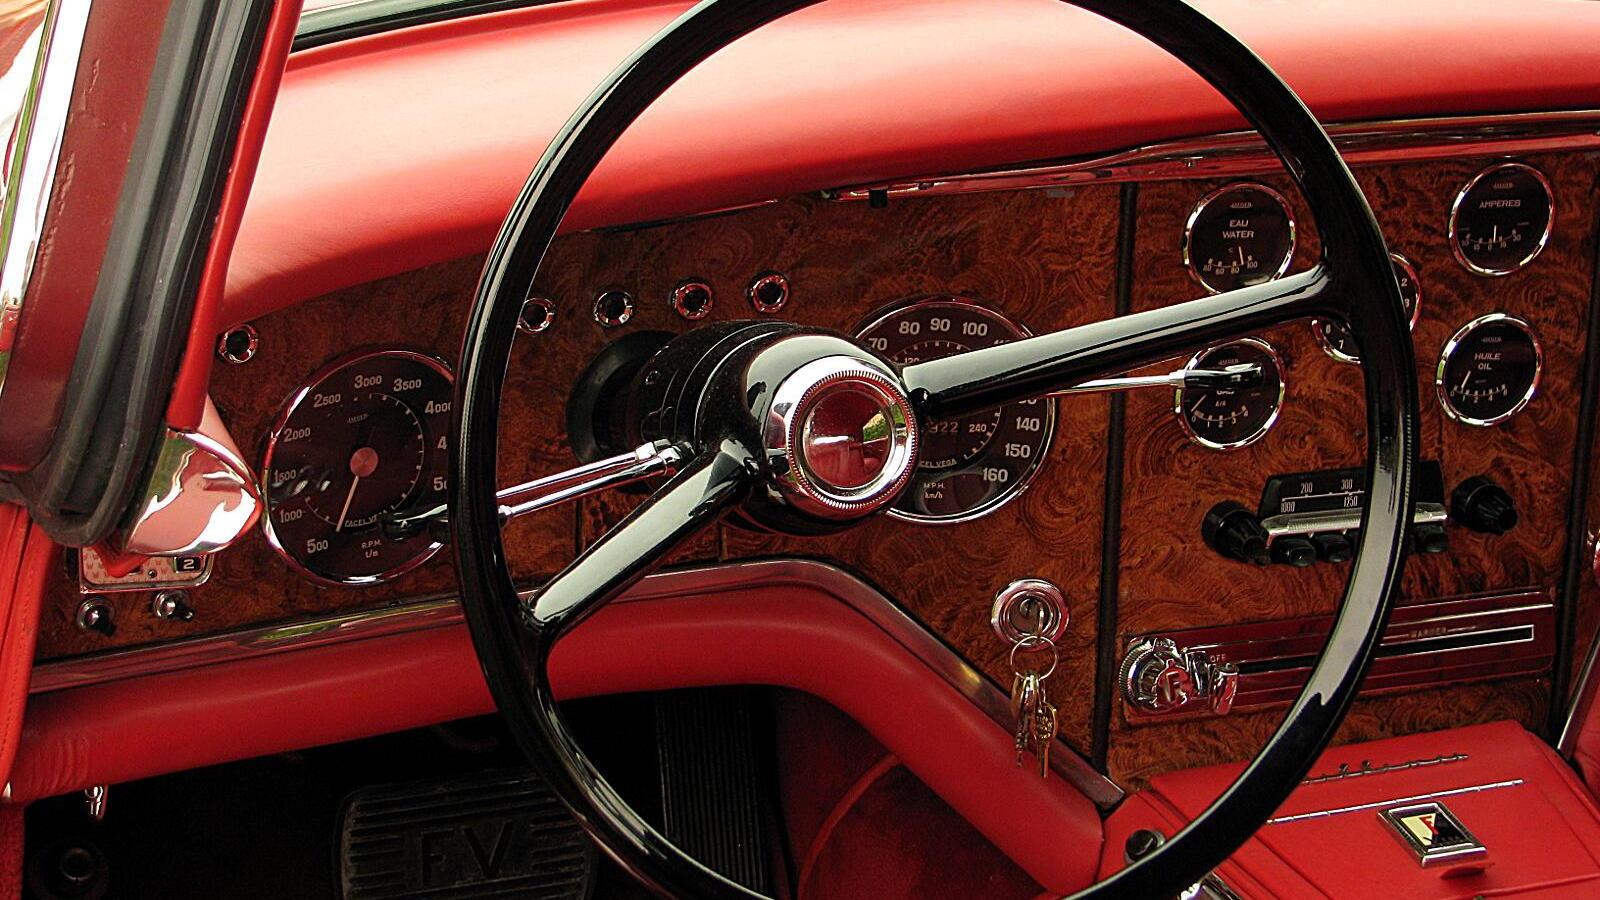 1958 Facel Vega Sedan